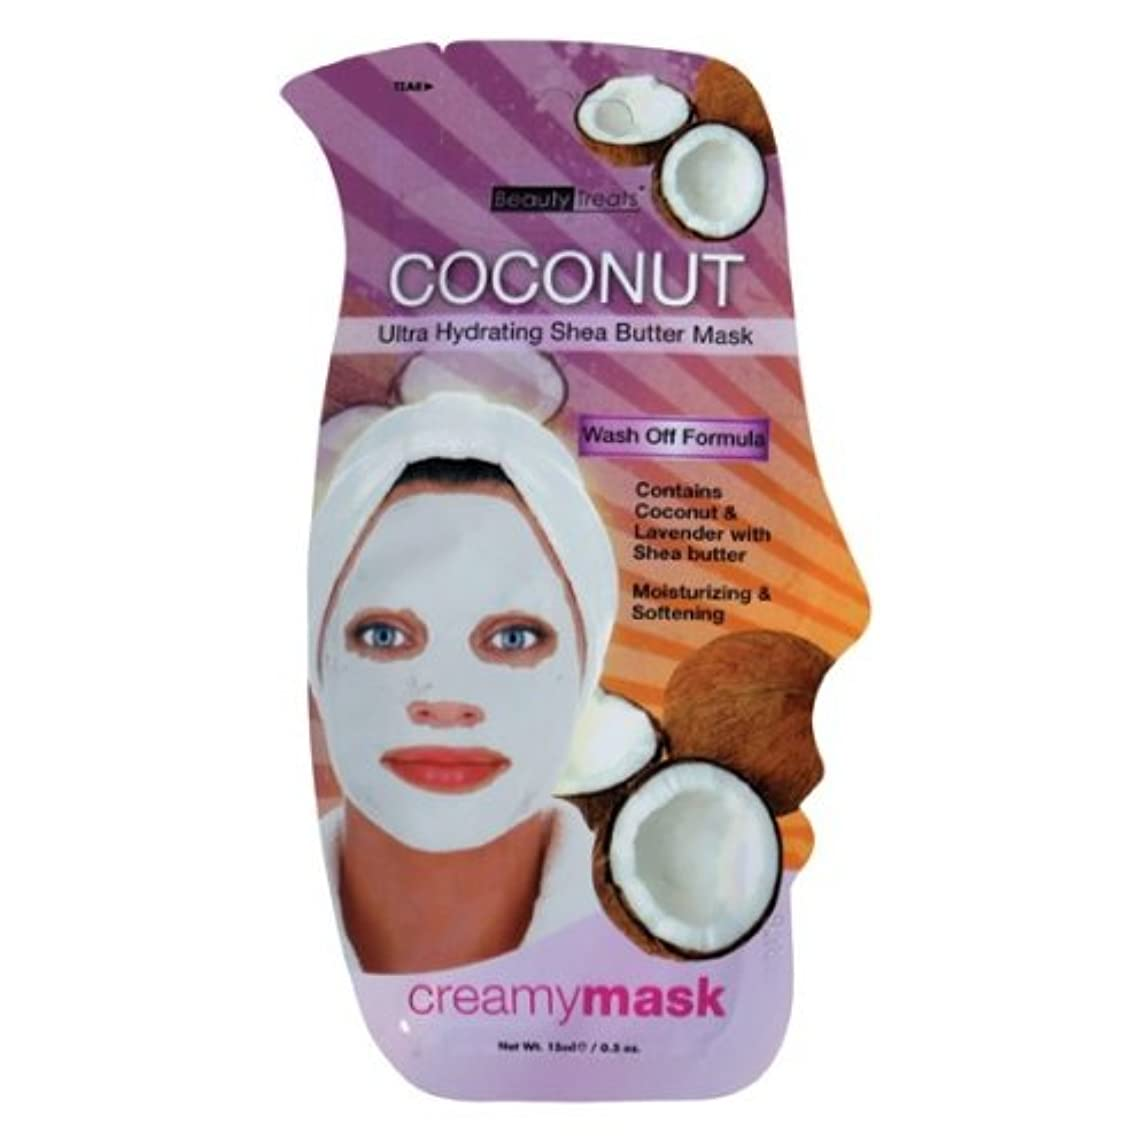 作家重さ買う(3 Pack) BEAUTY TREATS Coconut Ultra Hydrating Shea Butter Mask - Coconut (並行輸入品)